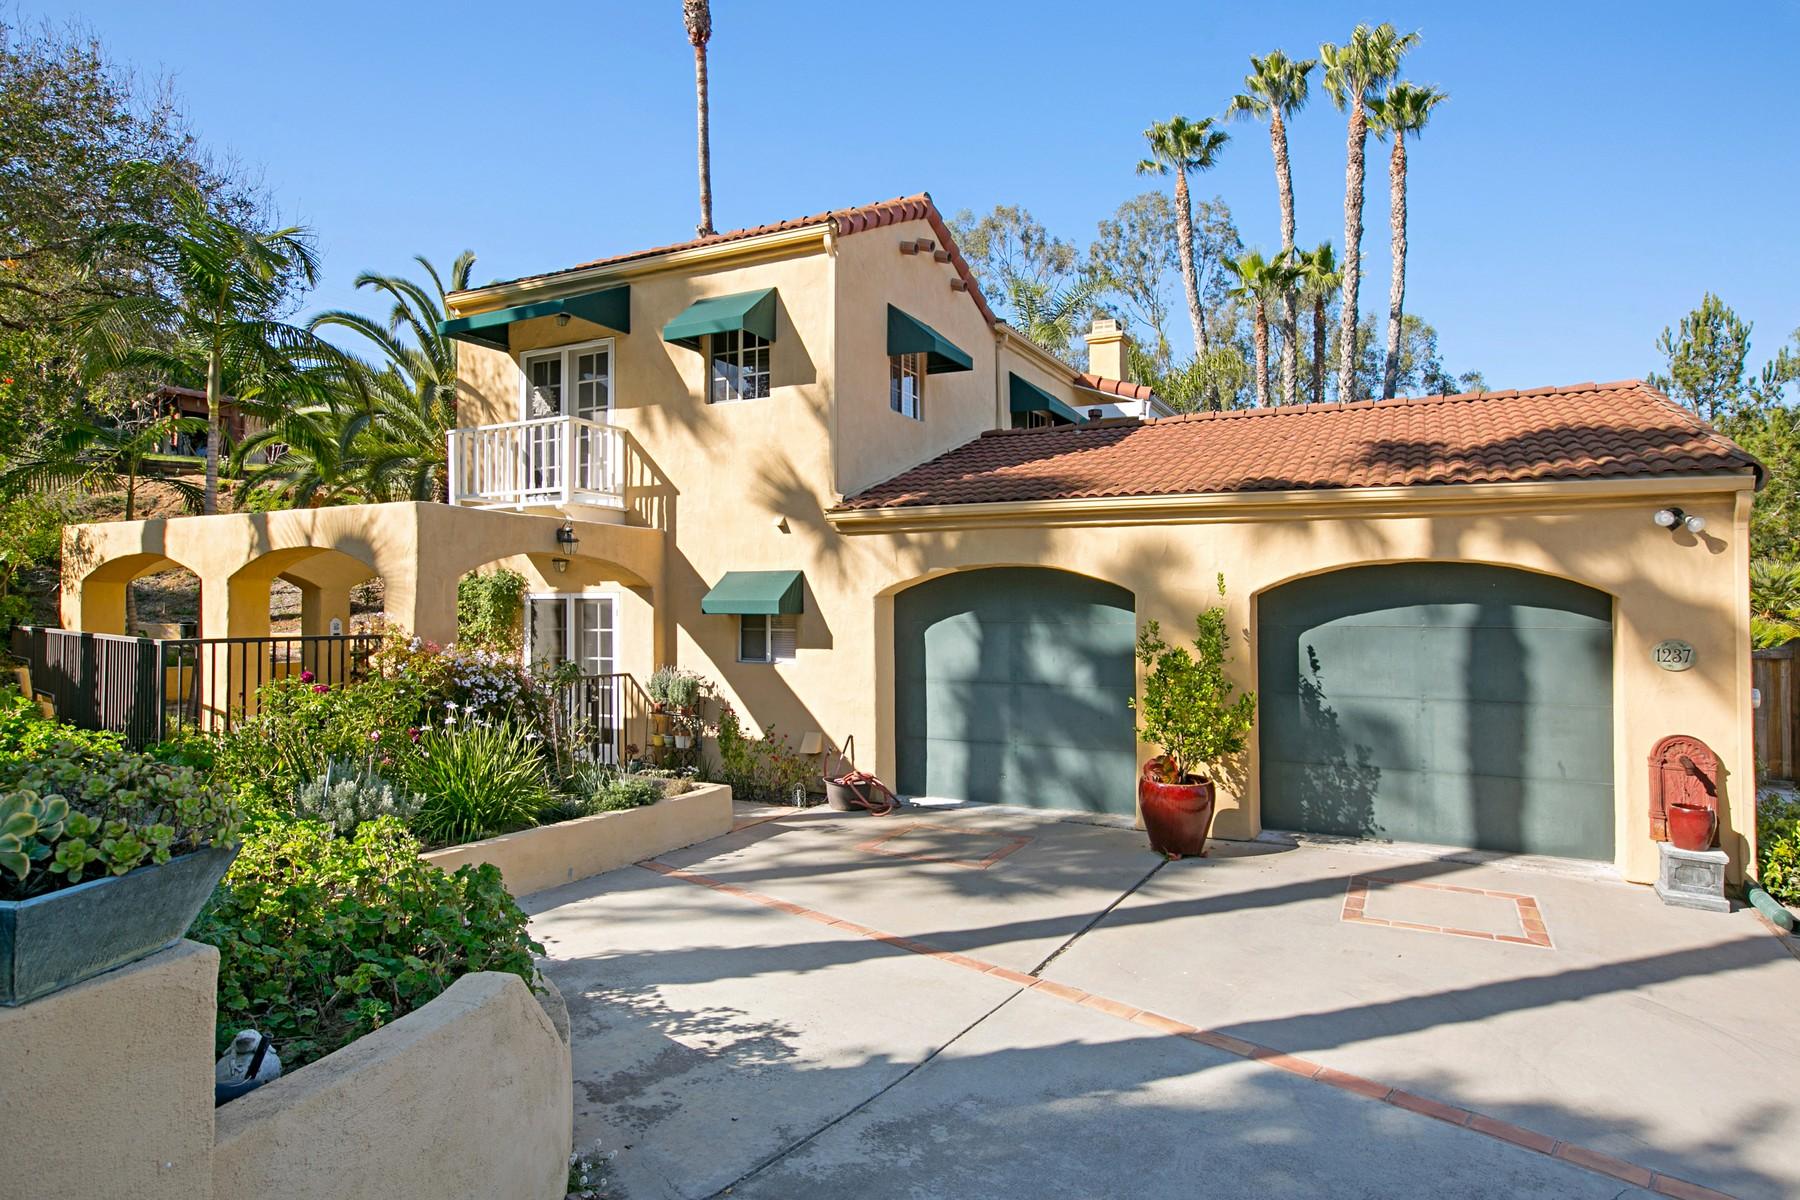 一戸建て のために 売買 アット 1237 Crest Drive Encinitas, カリフォルニア, 92024 アメリカ合衆国